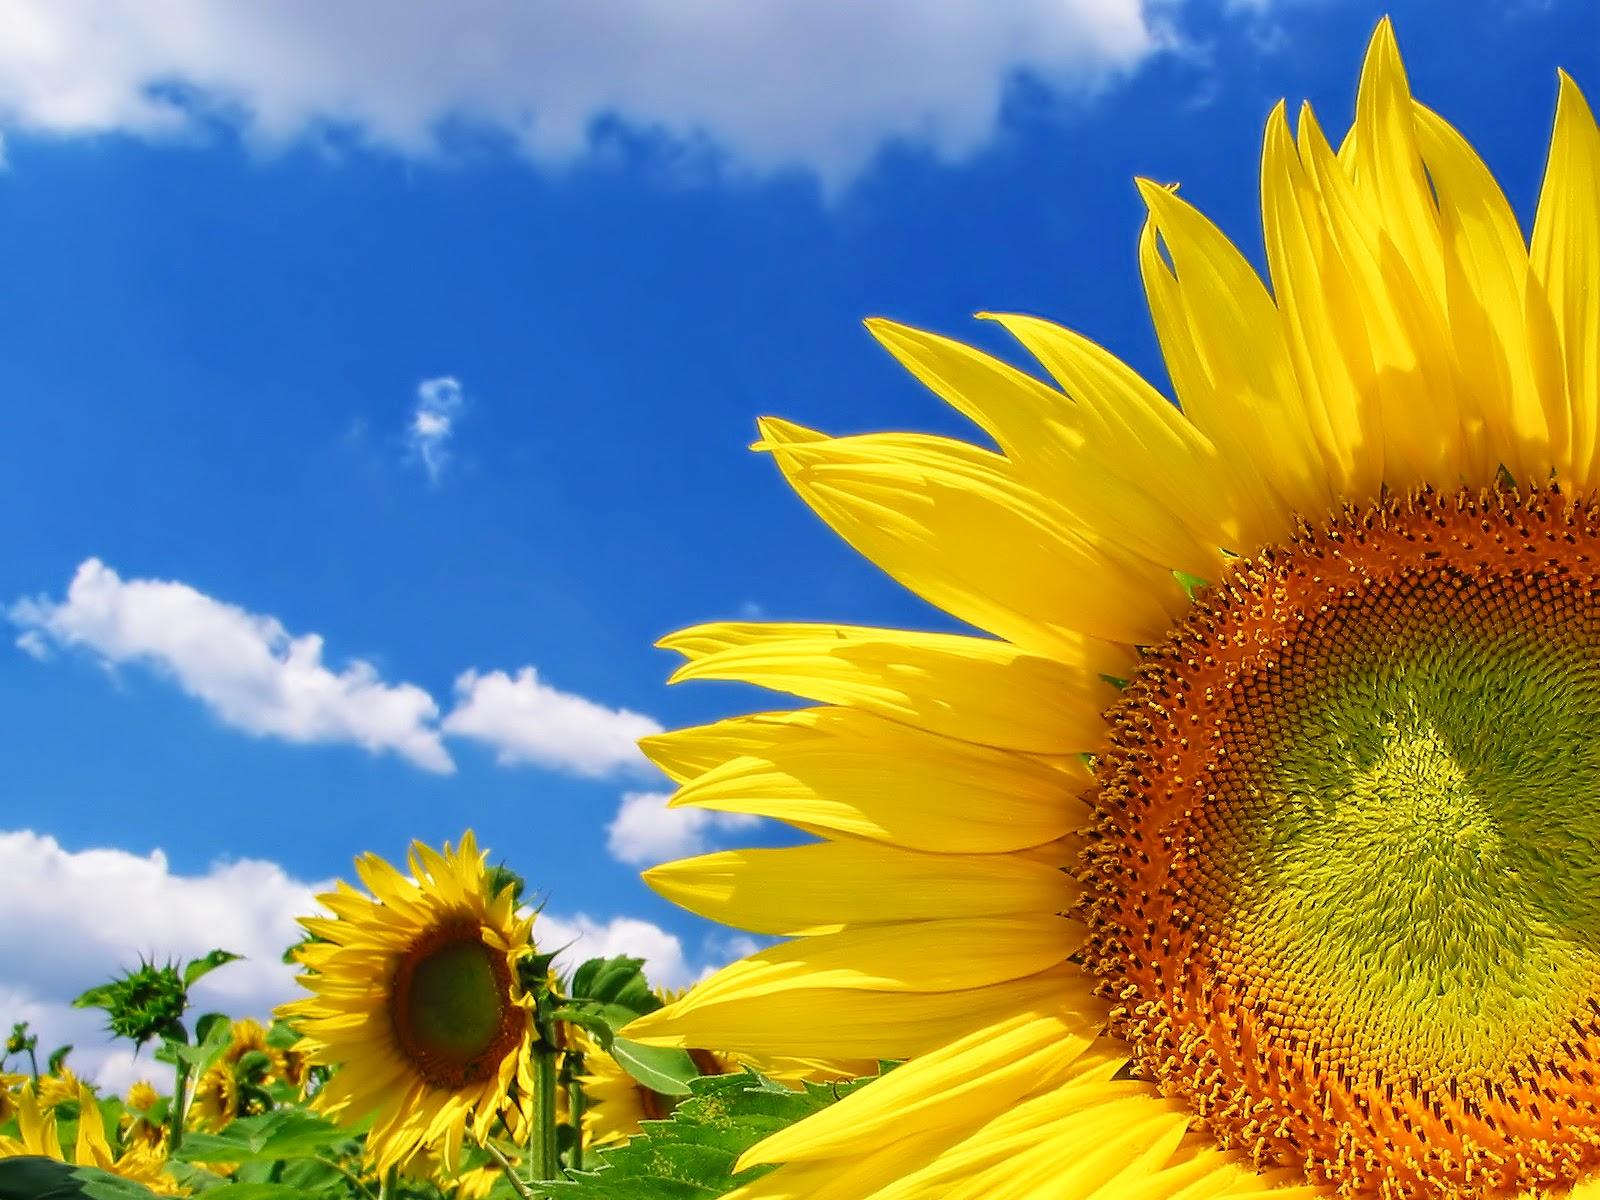 hd hintergrundbilder sonnenblumen sch ne blumen sommer gelbe blumen f r pc hd. Black Bedroom Furniture Sets. Home Design Ideas